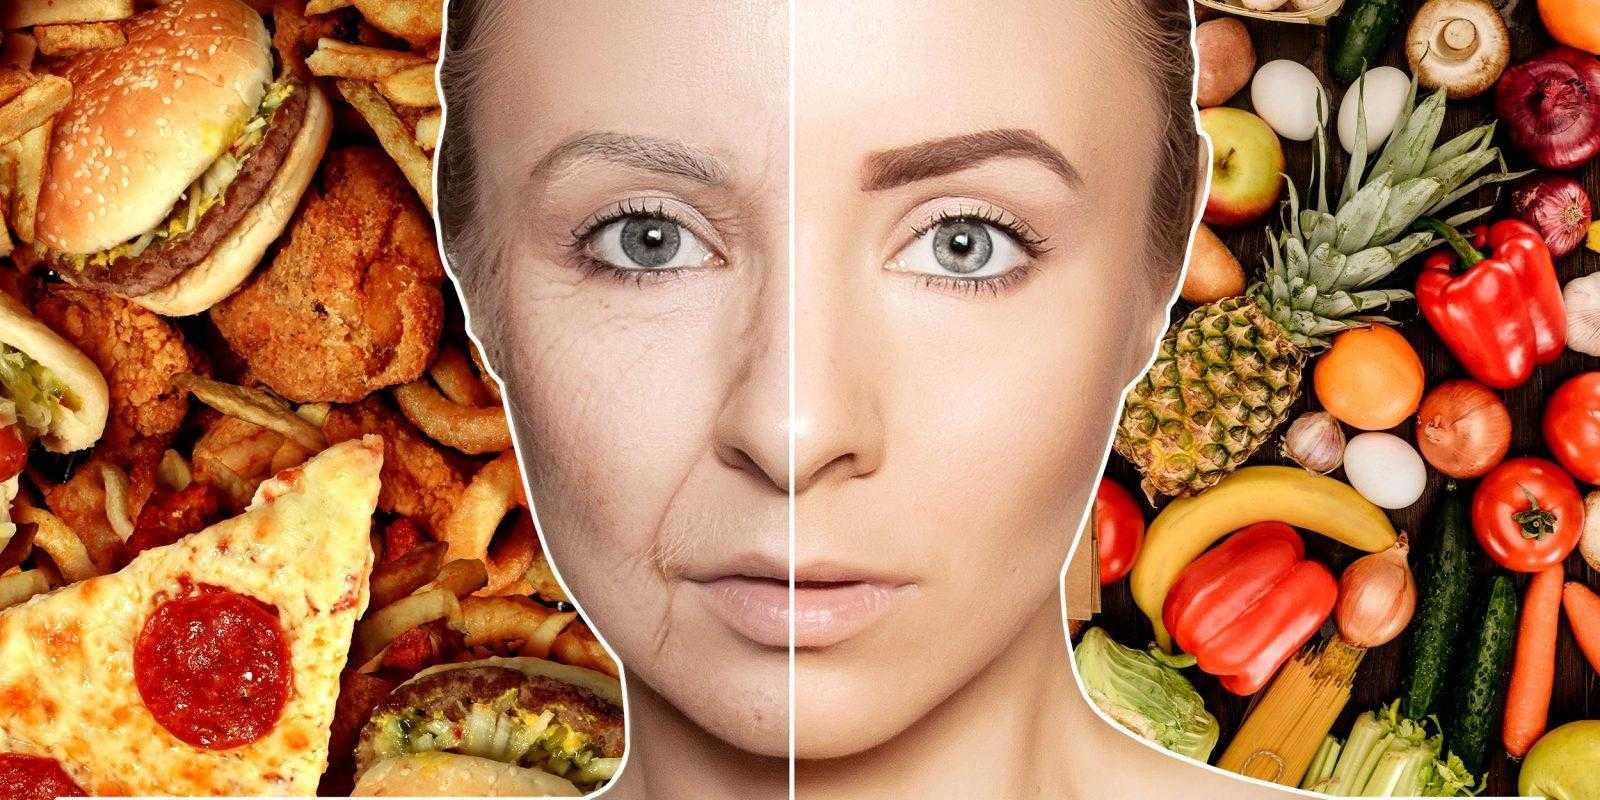 Роль ужина и полноценного сна для контроля веса Влияние питания и образа жизни на здоровье человека Качество питания напрямую влияет на здоровье организма, поэтому так важно грамотно формировать ежедневное меню